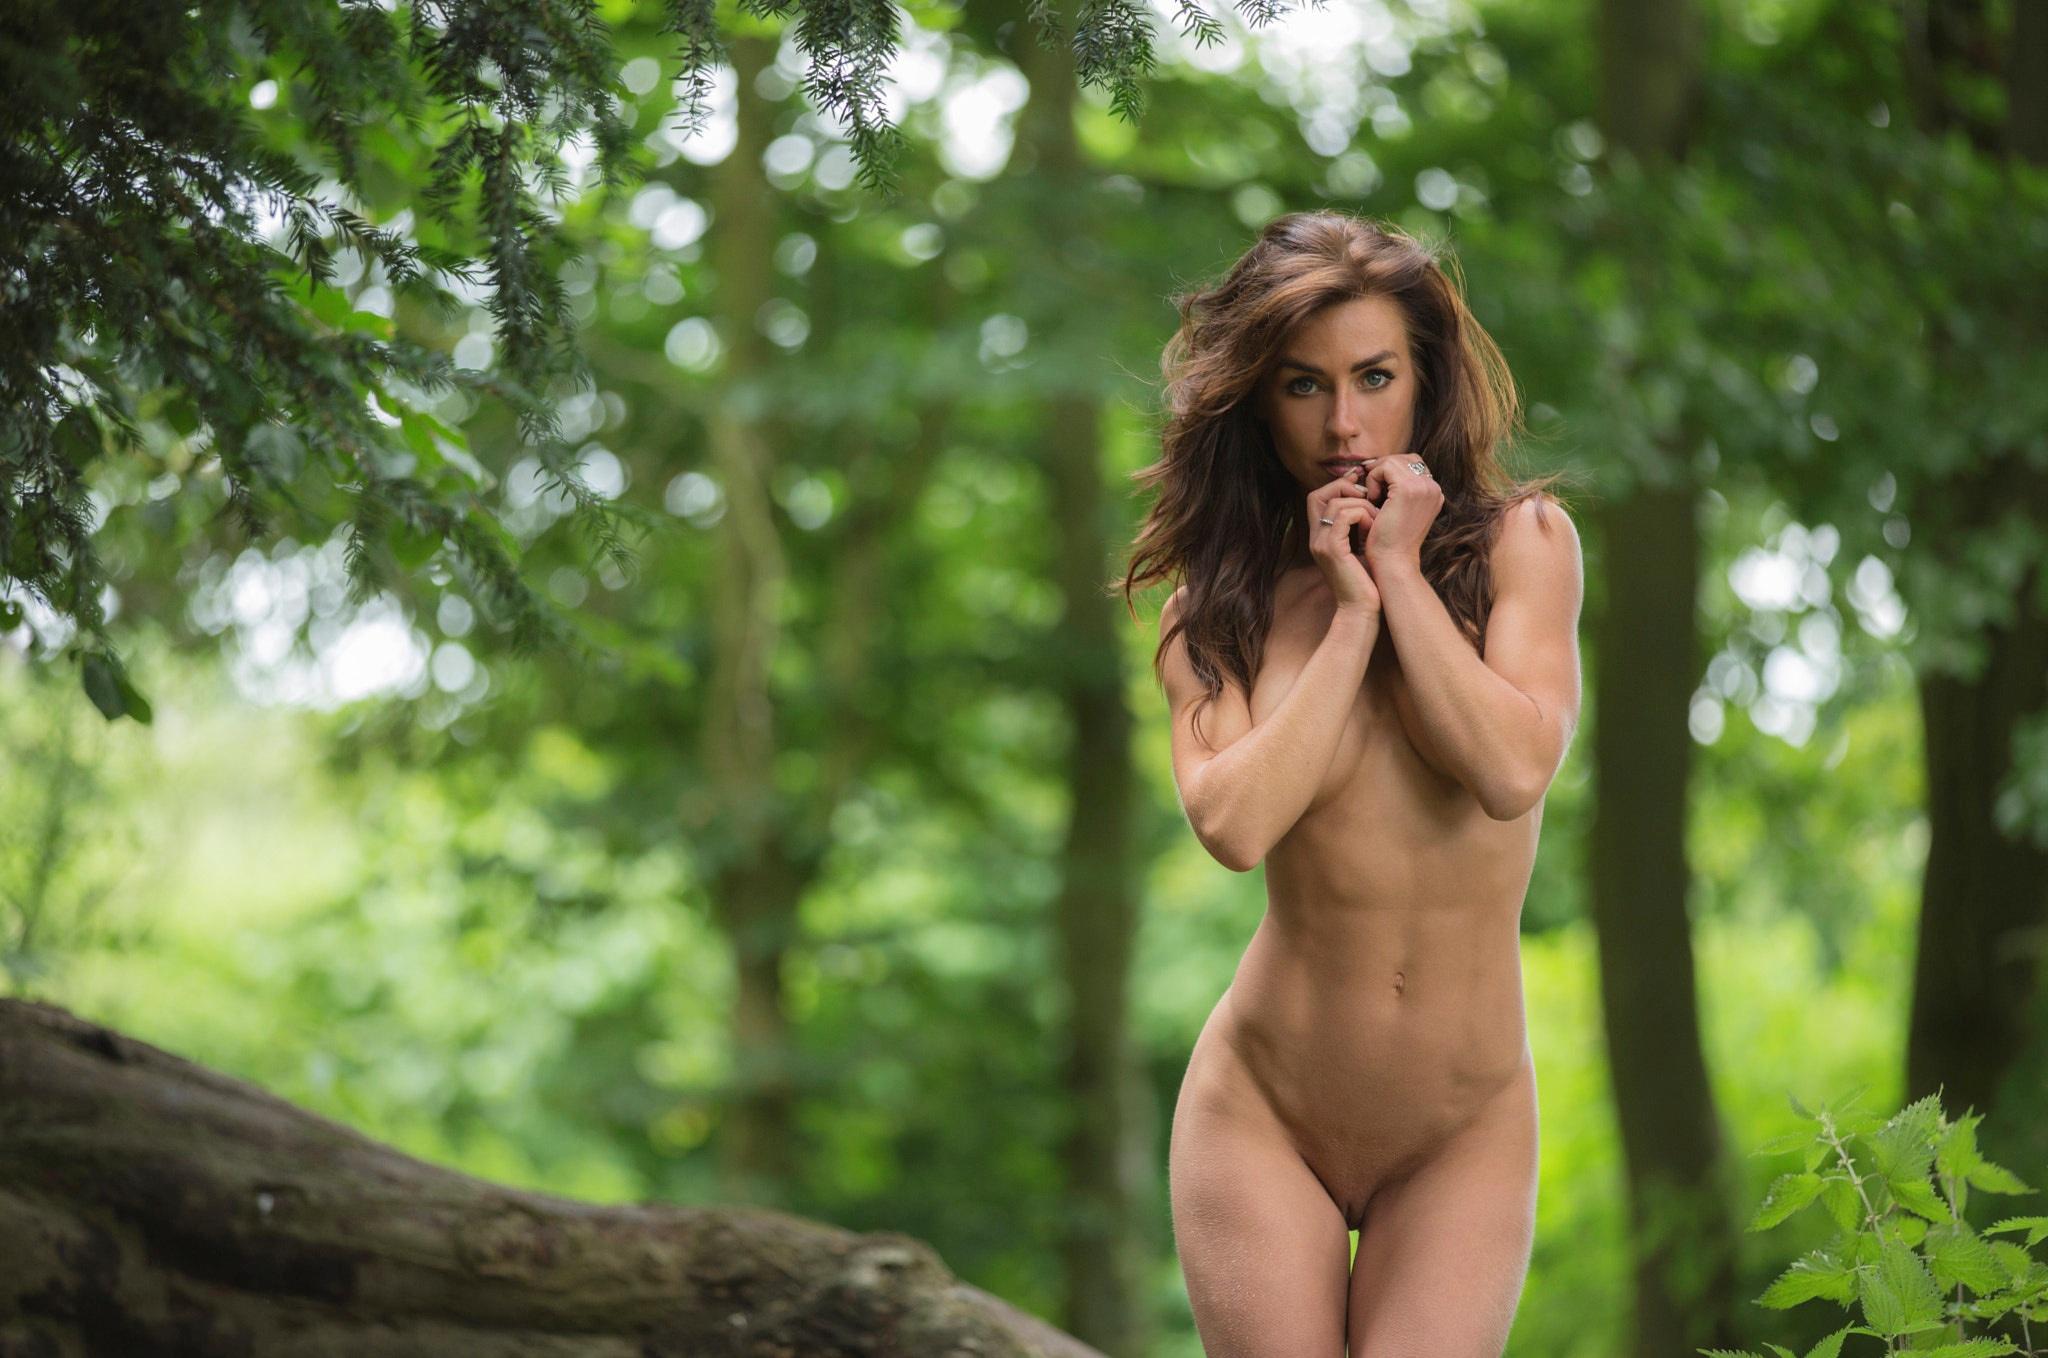 Amelie Mauresmo Nude Xsexpics Com Nude Picture